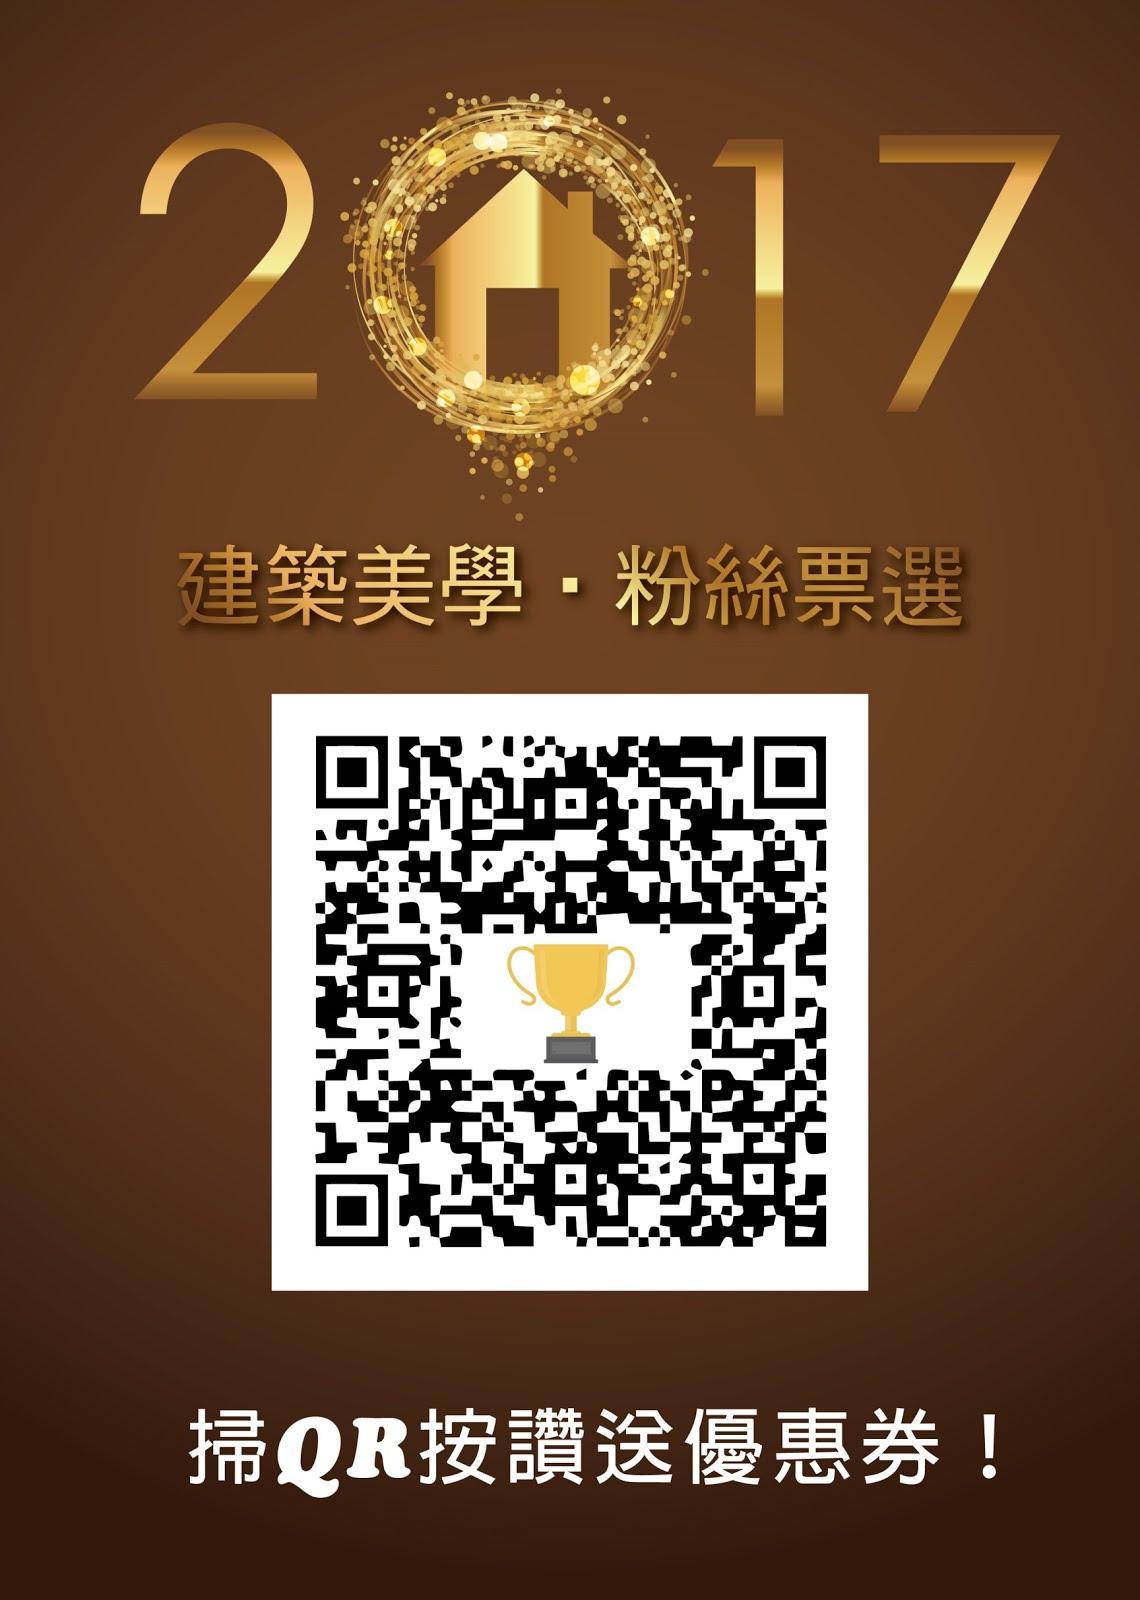 2017建築美學票選活動